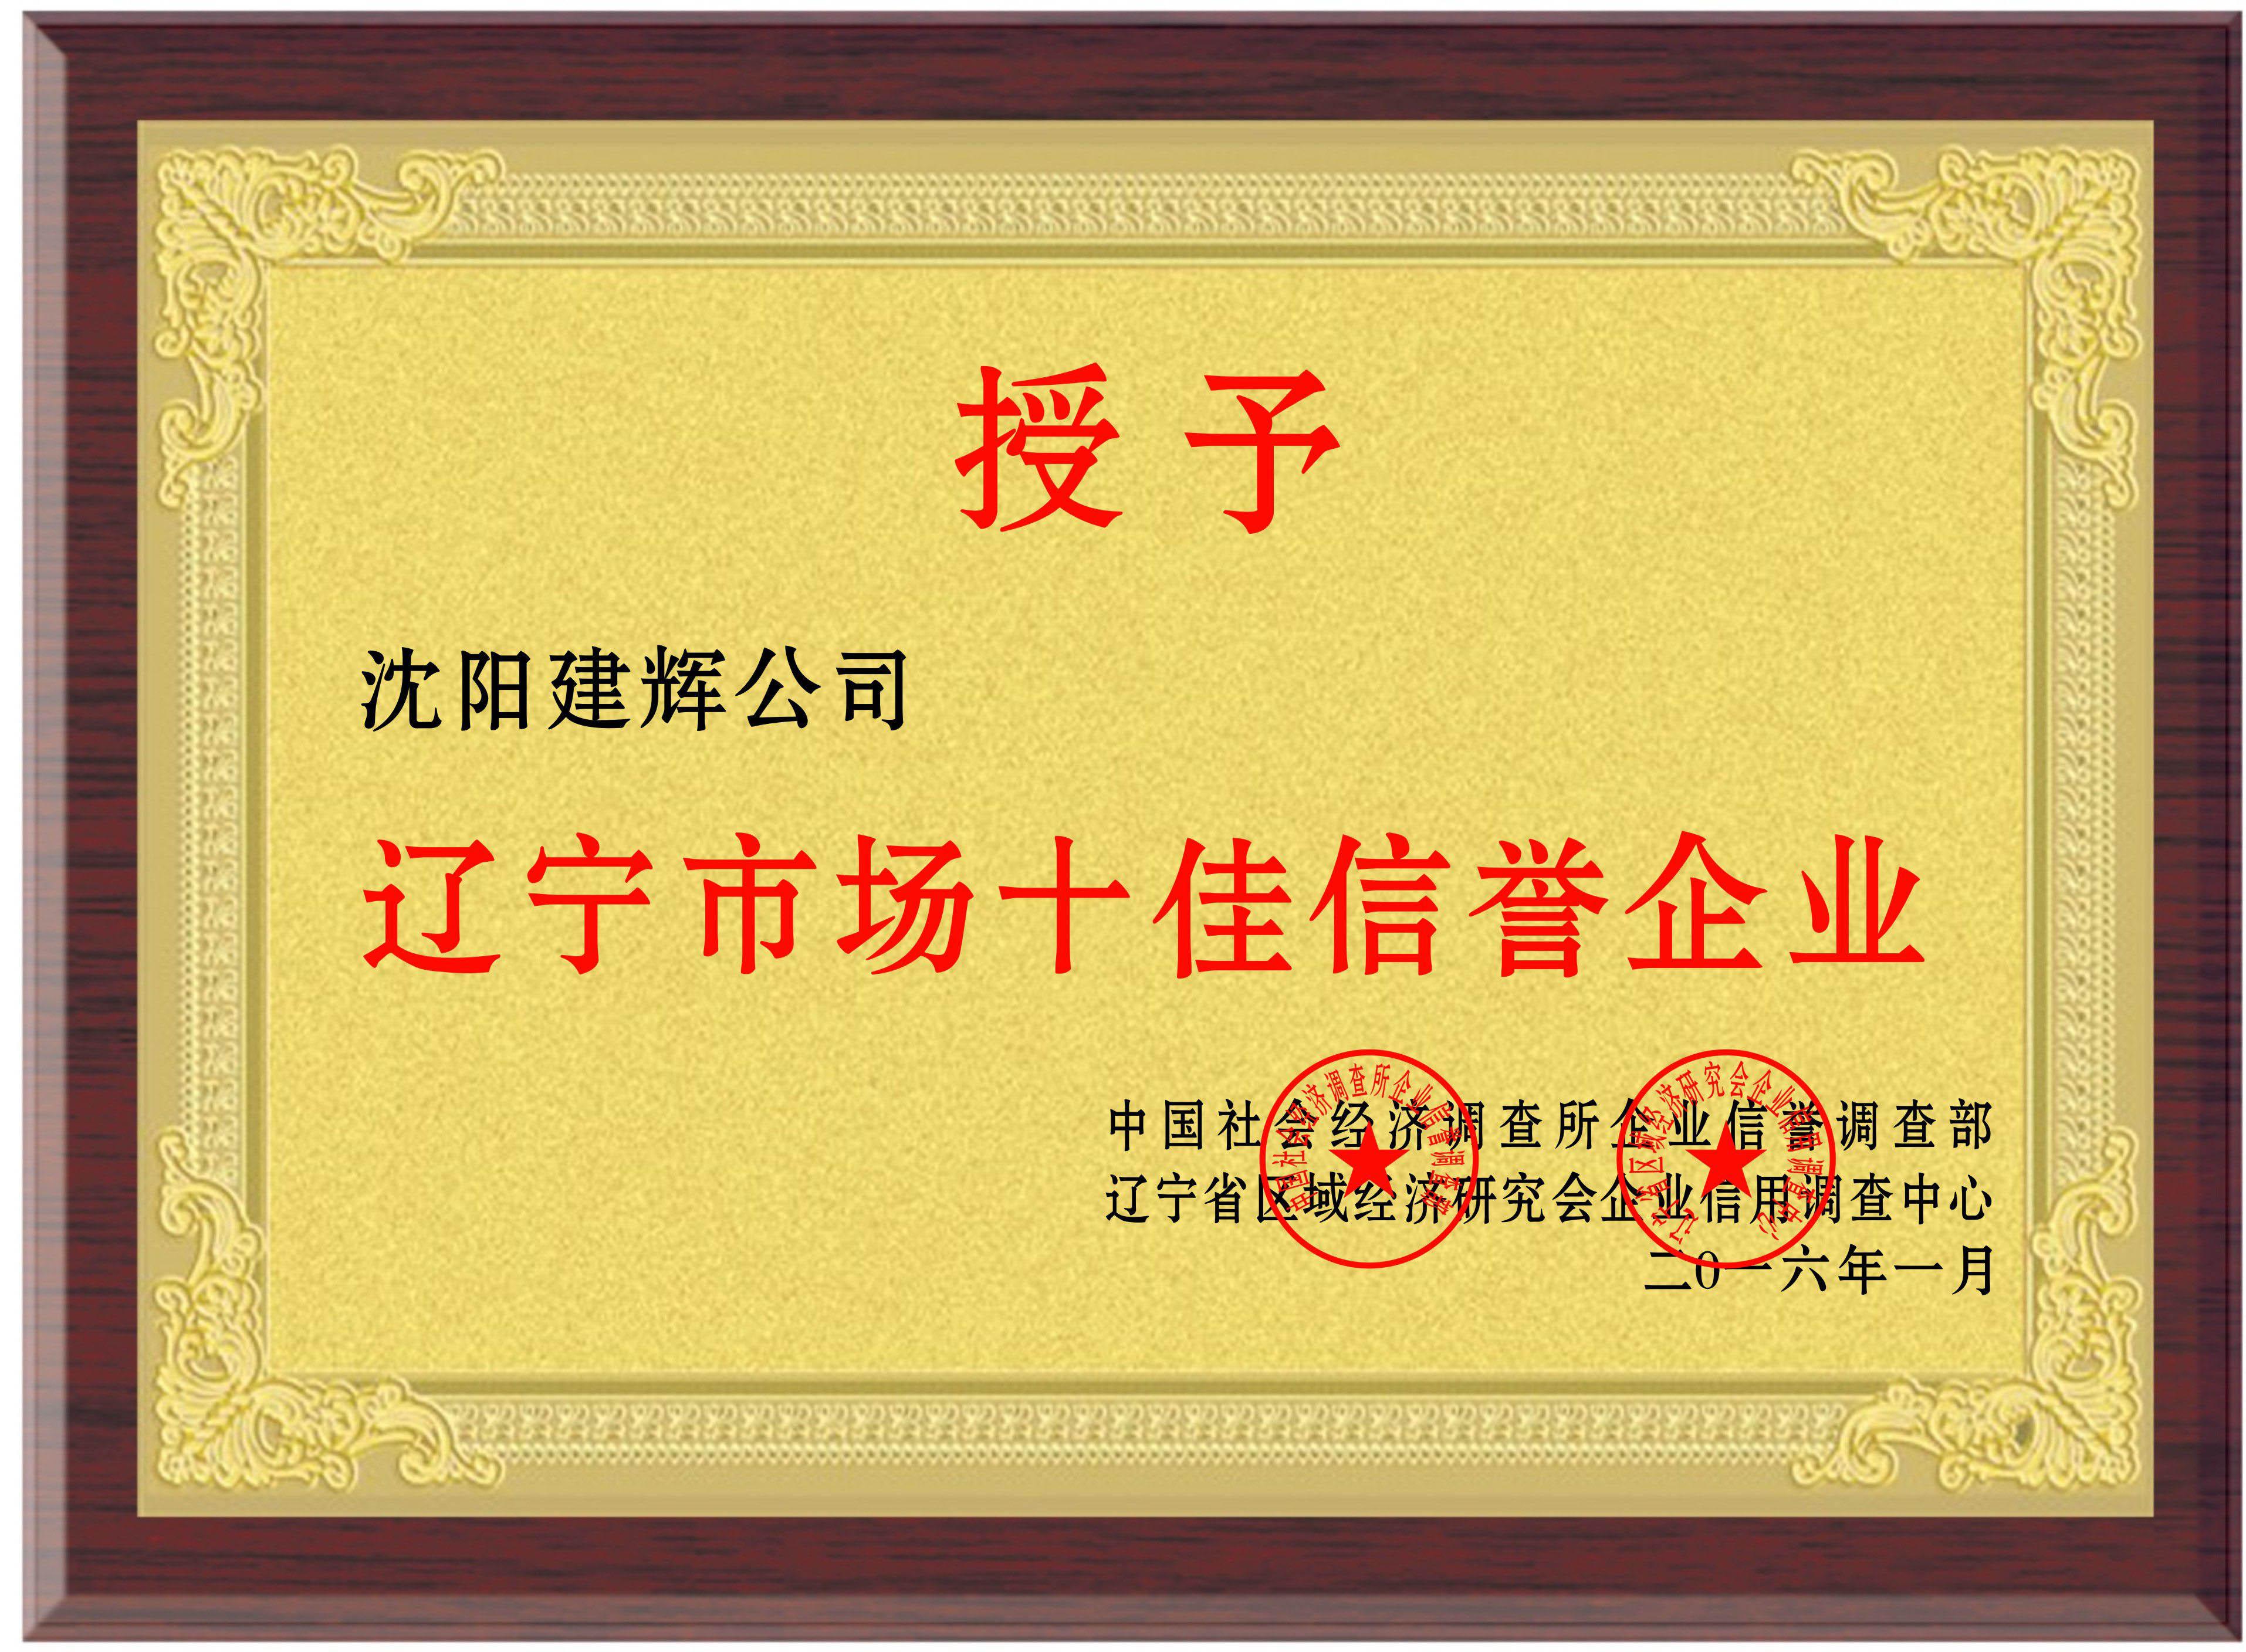 辽宁市场十佳信誉企业荣誉证书